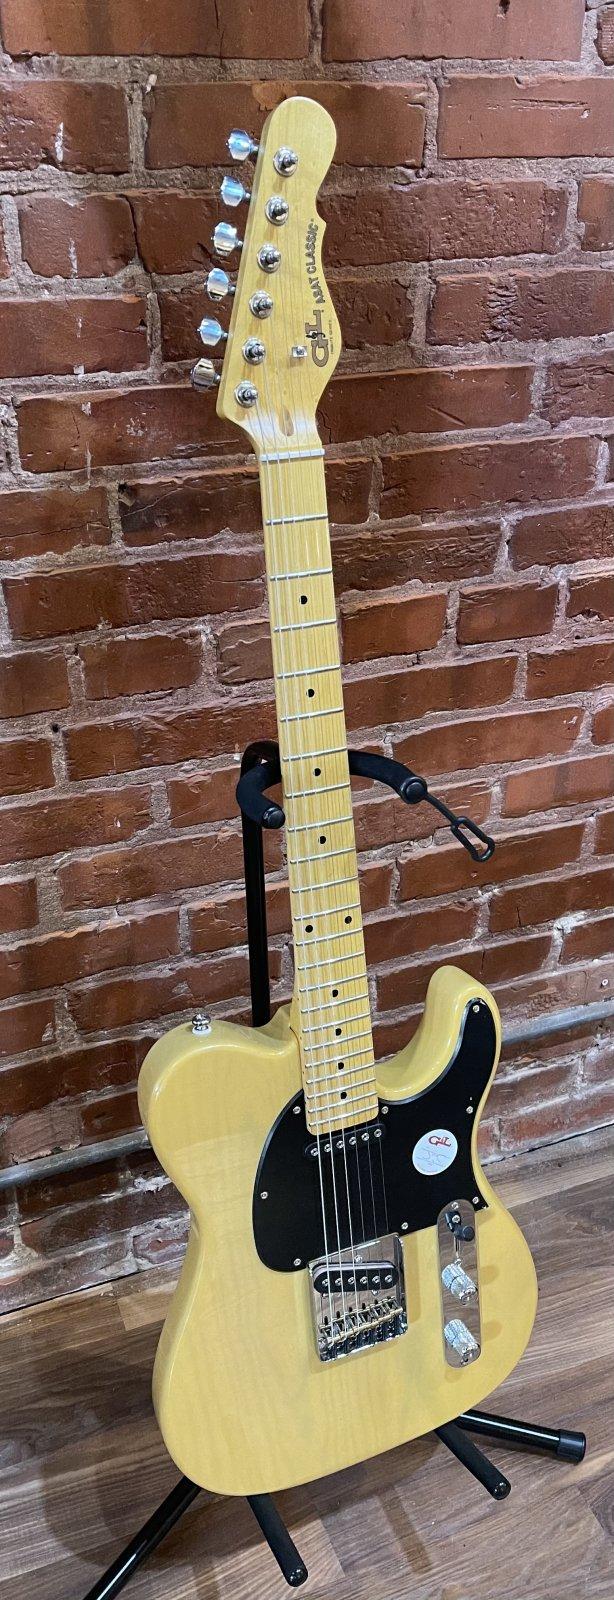 G&L Tribute Series ASAT Classic Butterscotch Blonde w/Gig Bag